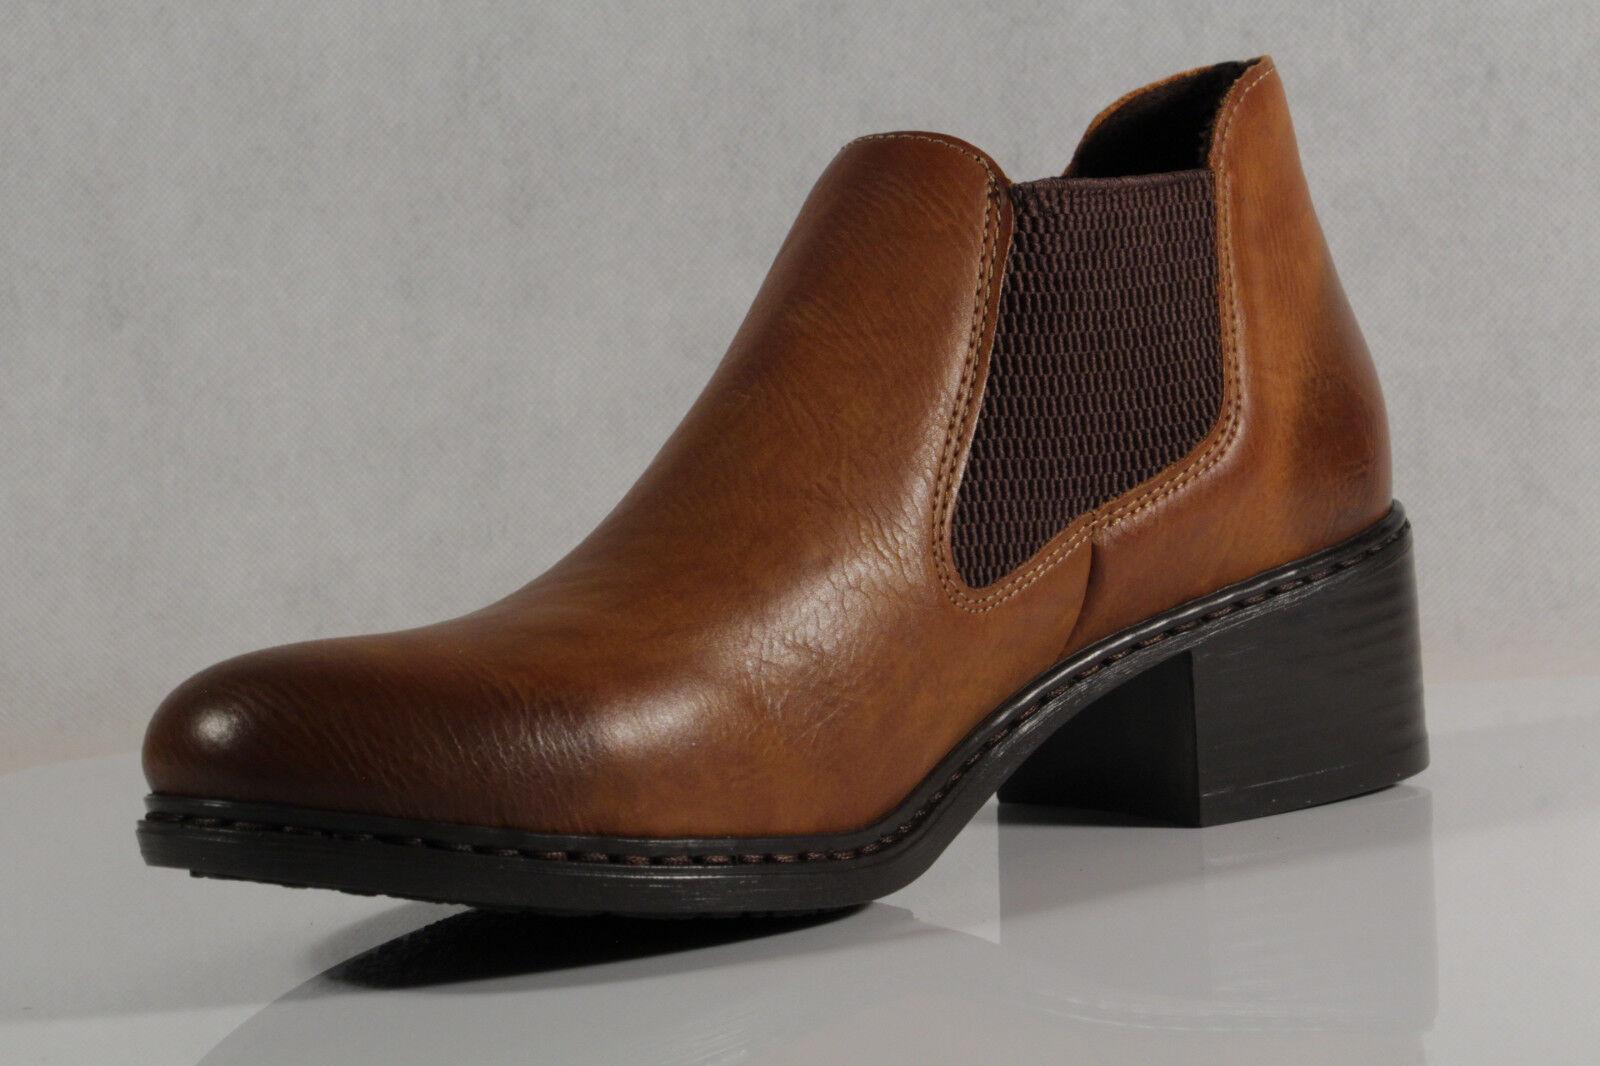 Stiefel braun 57690 NEU Boots Schlupfstiefelette Rieker Stiefelette